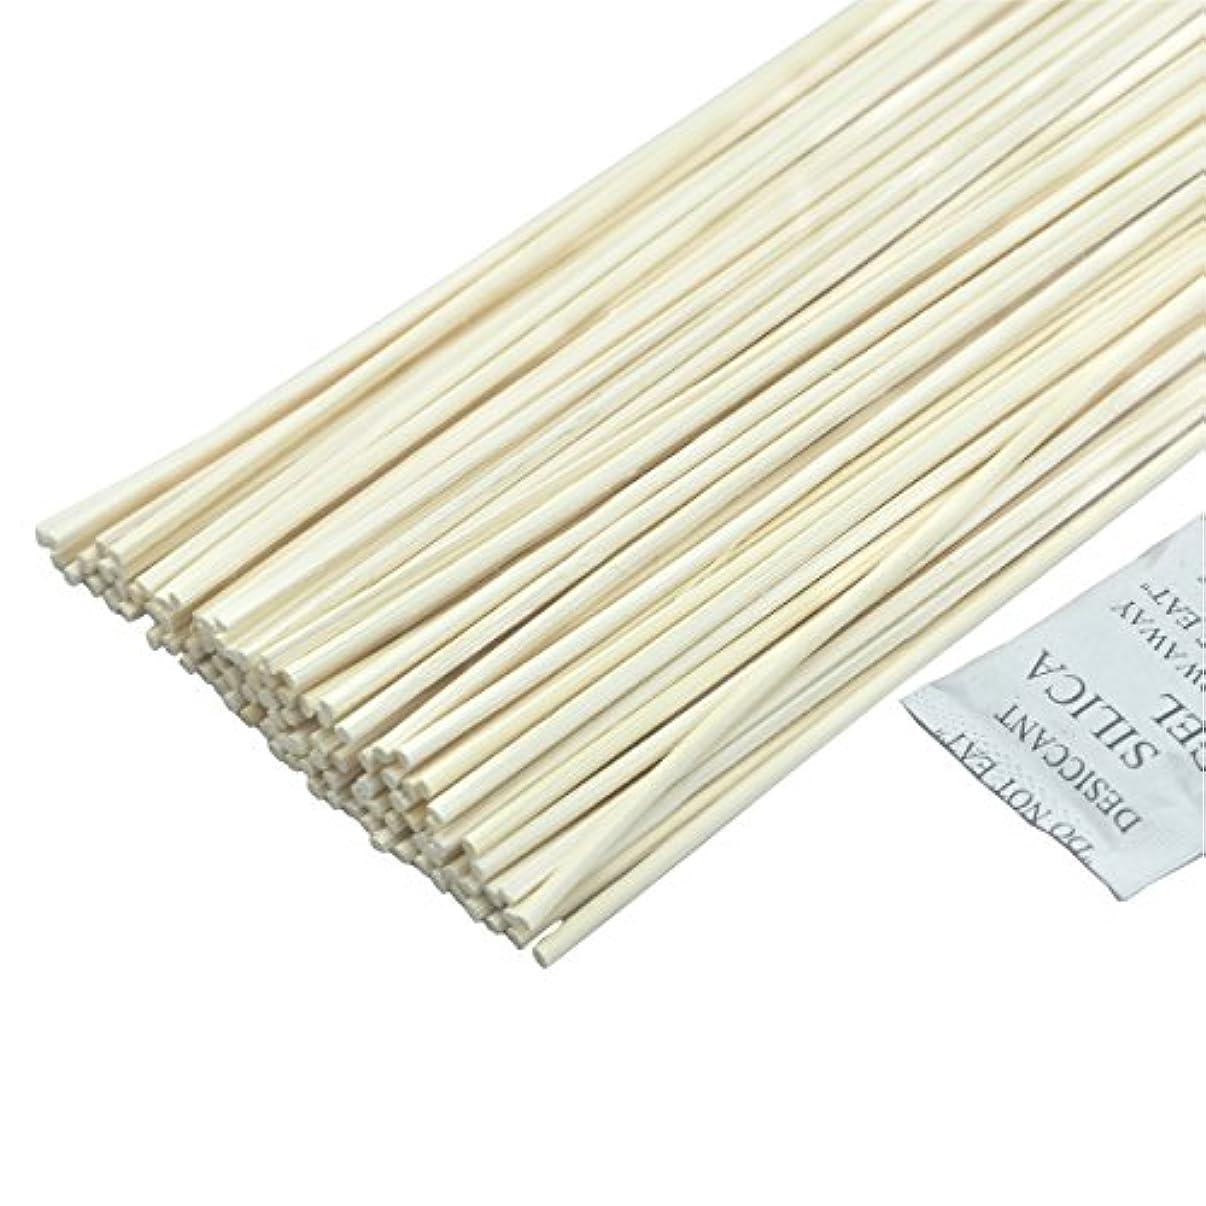 カプラー安心させる意志に反する100本入ナチュラルカラー 籐のリードアロマディフューザーの交換用スティック (16cmx3mm)